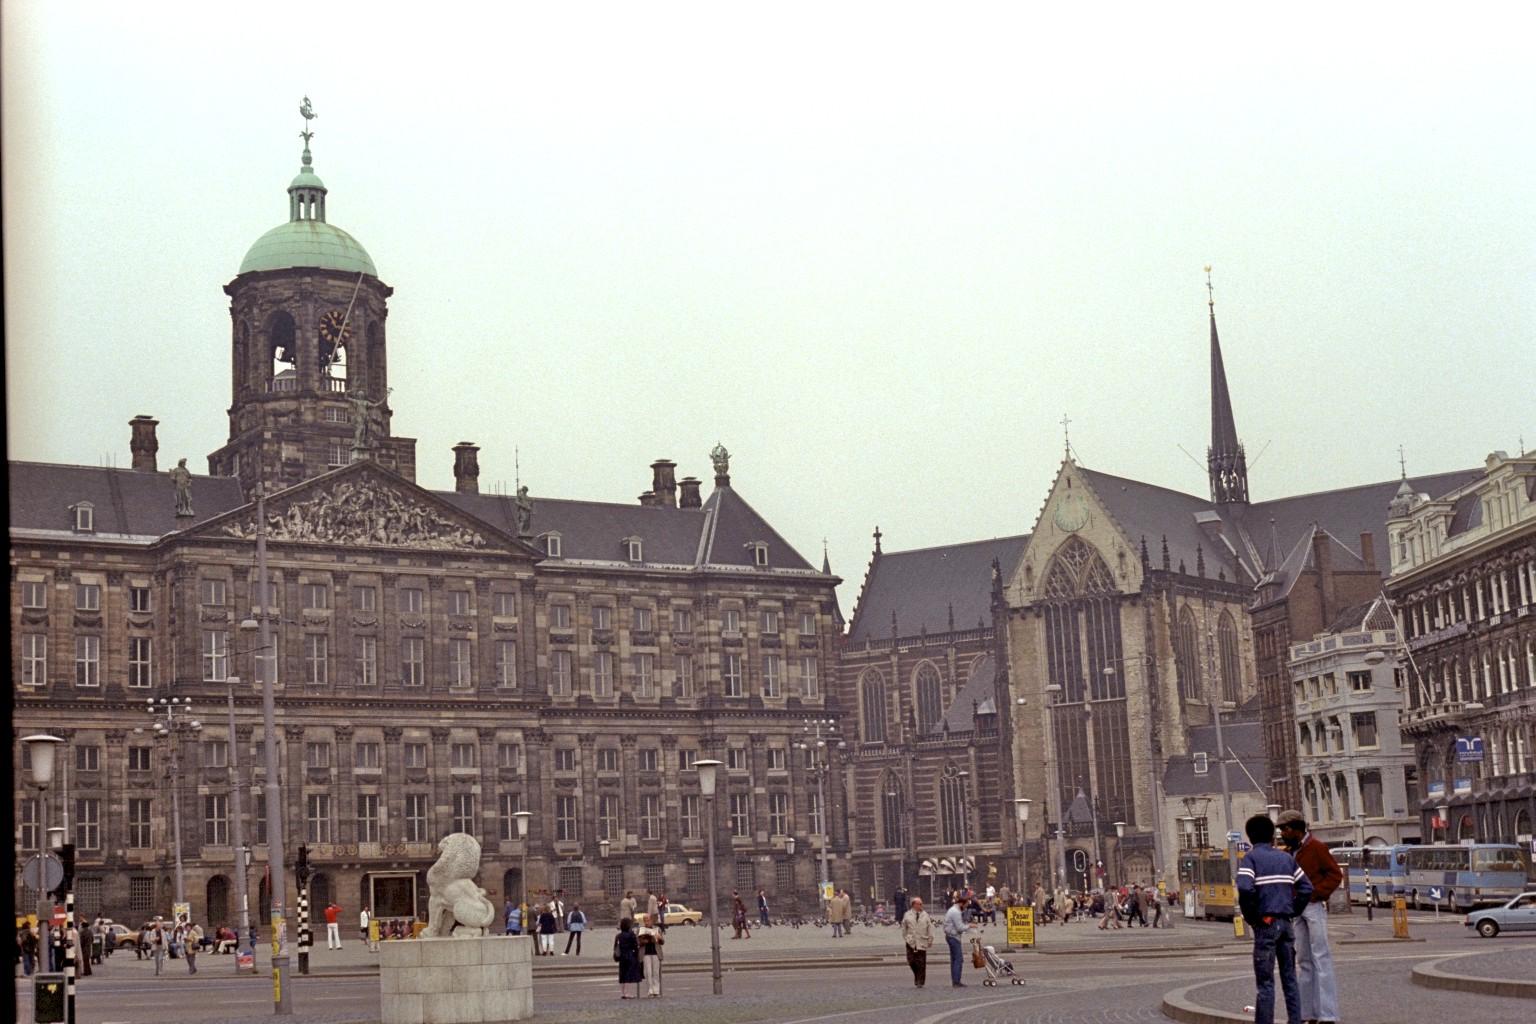 Koninklijk Paleis & Nieuwe Kerk, Amsterdam